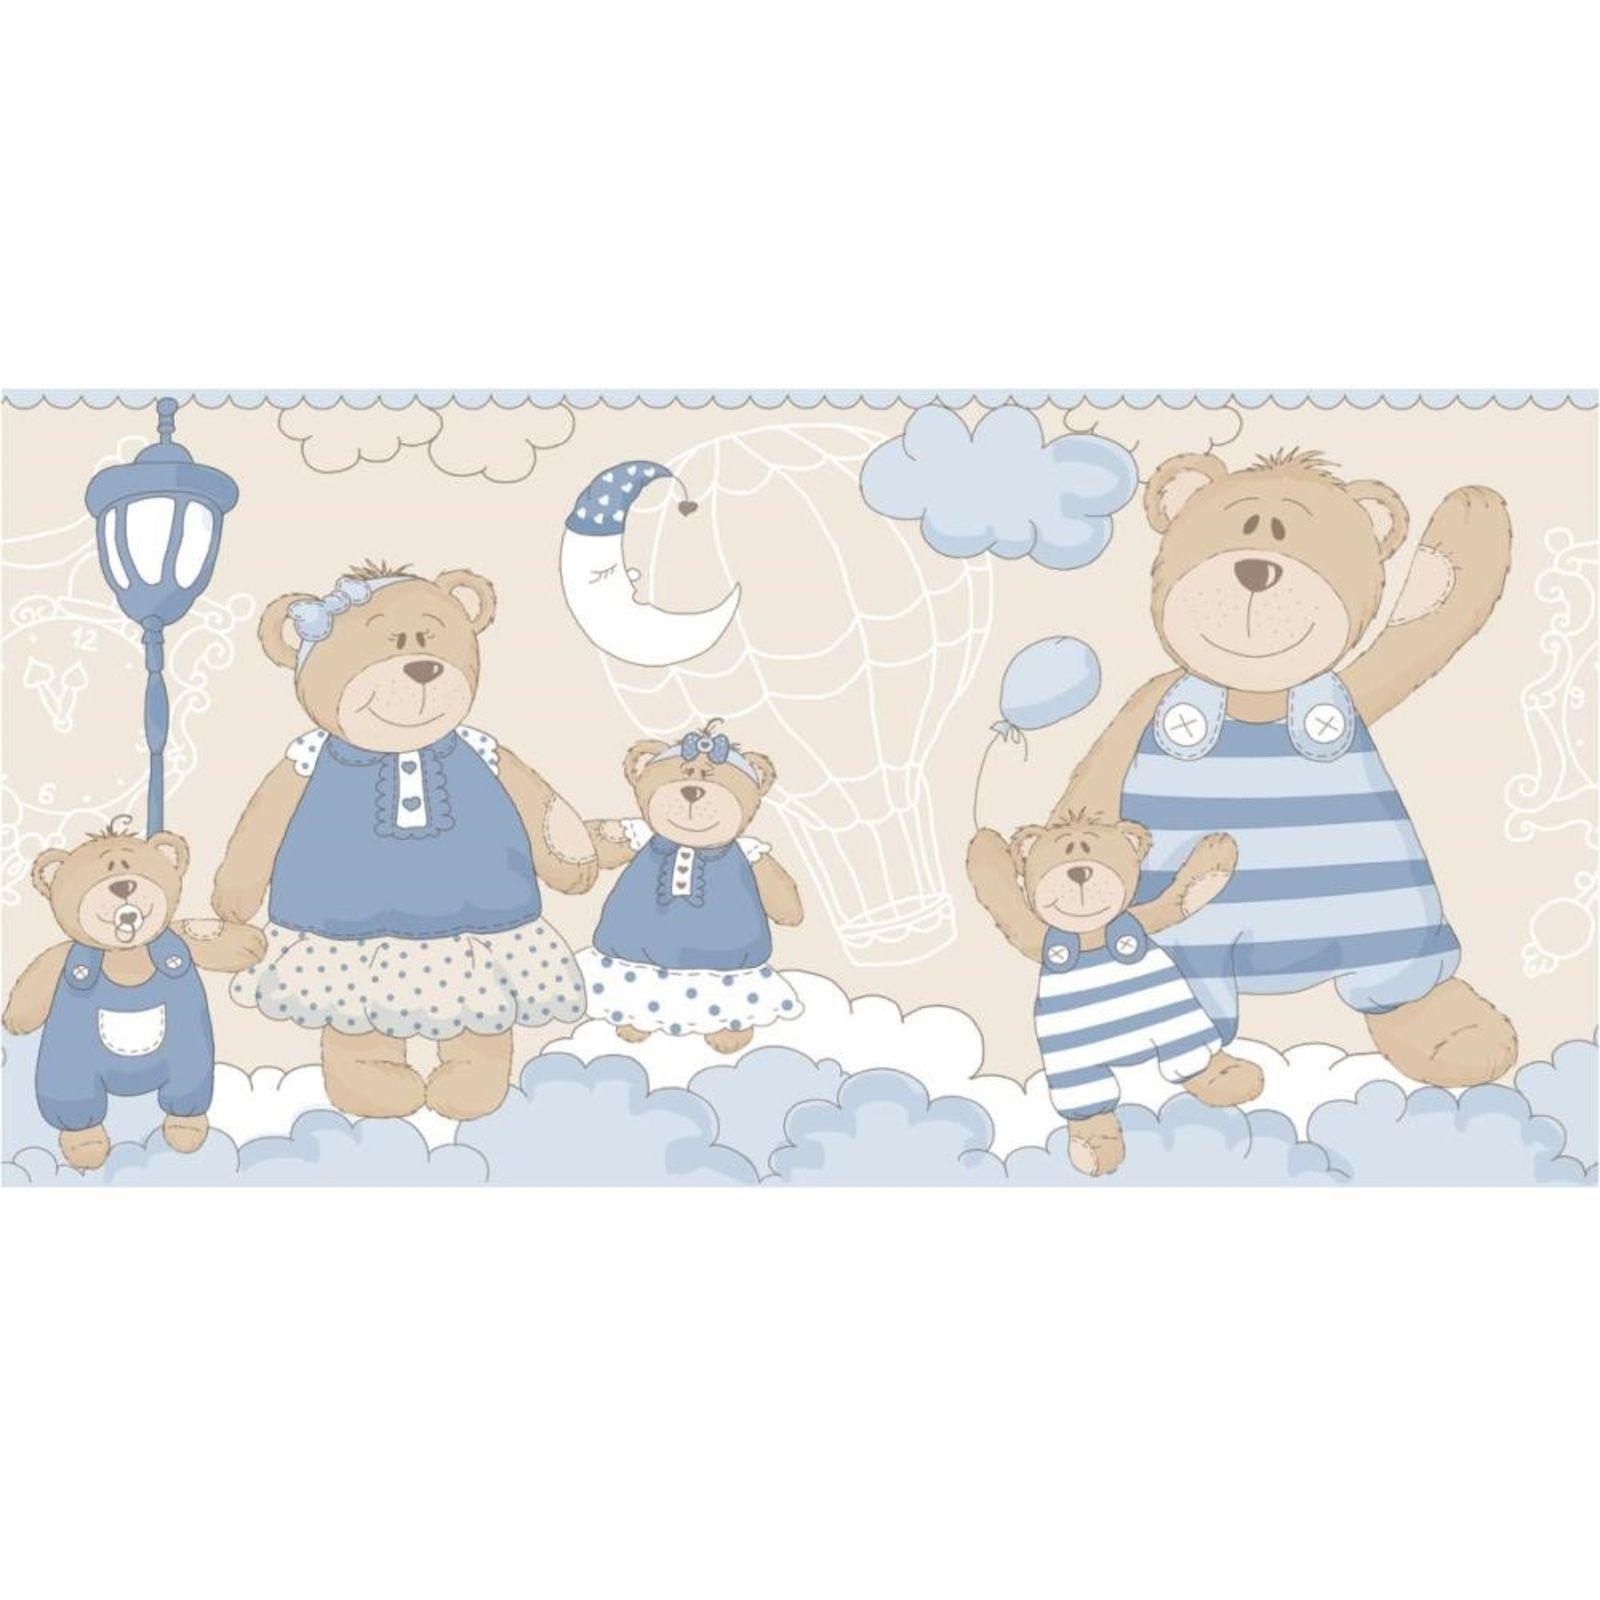 Faixa Papel de parede  Infantil Coleção Olá Baby 2 Ursos Creme, Marrom, Azul